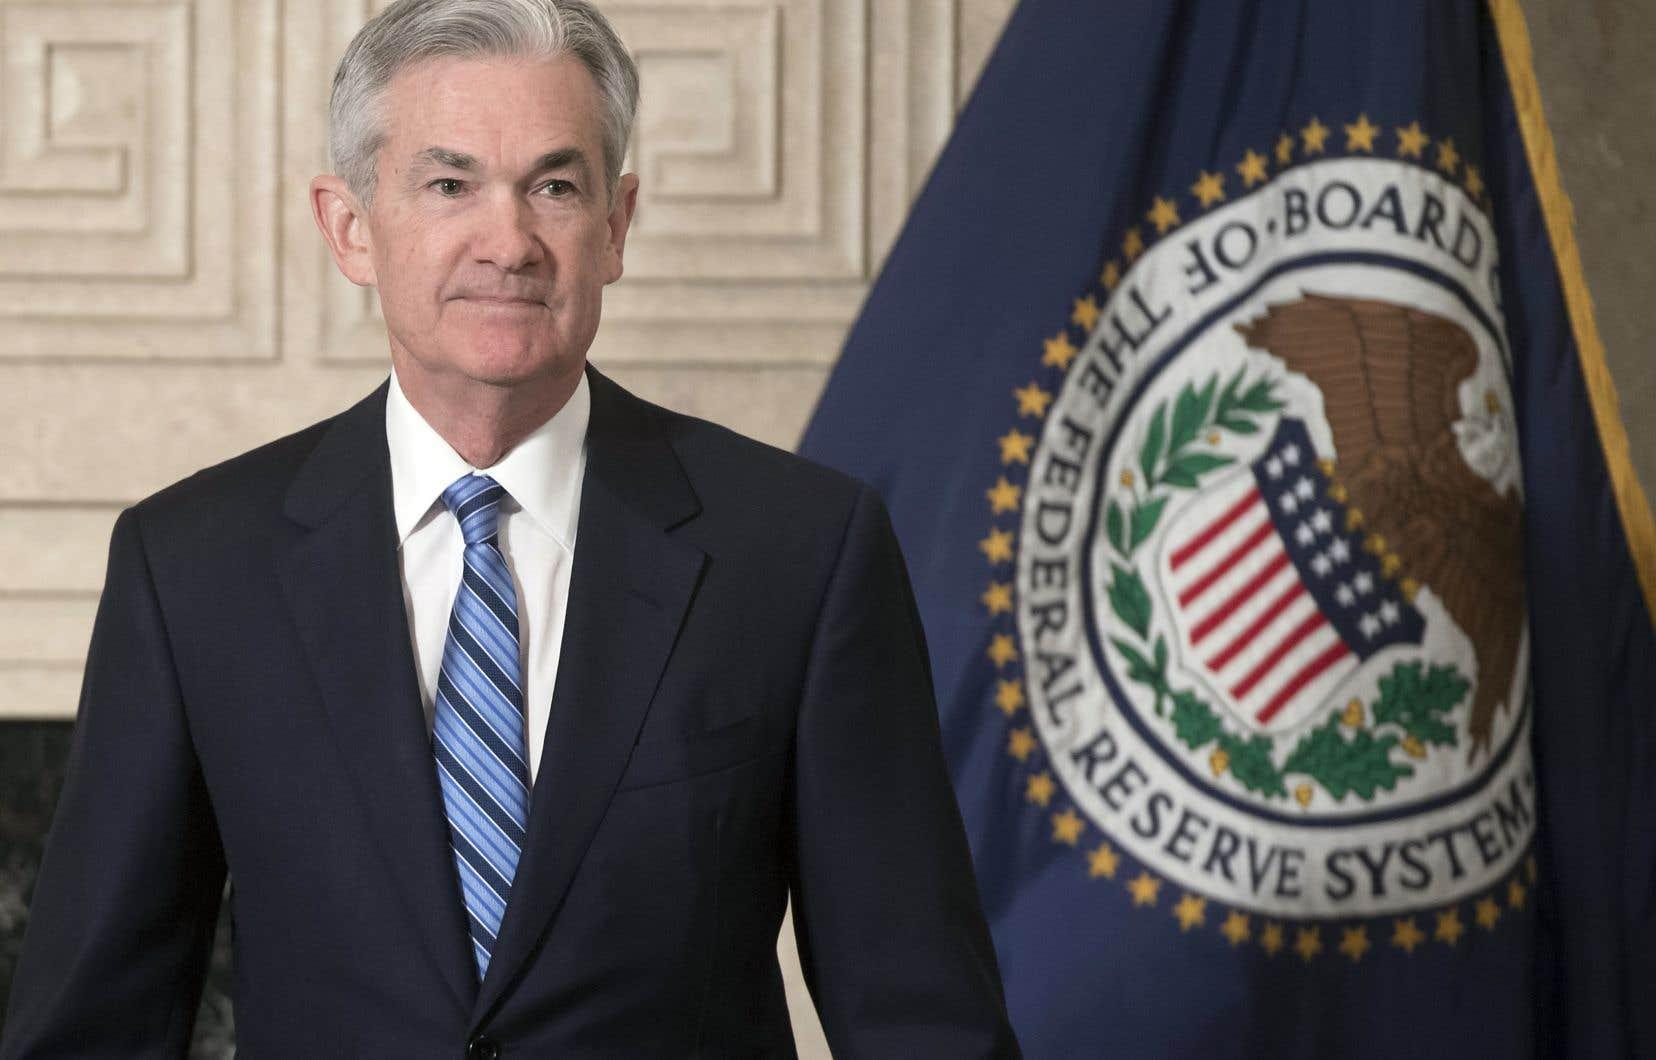 Jerome Powell a pris officiellement les rênes de la Réserve fédérale américaine lundi en promettant notamment de respecter la tradition d'indépendance de l'institution monétaire.